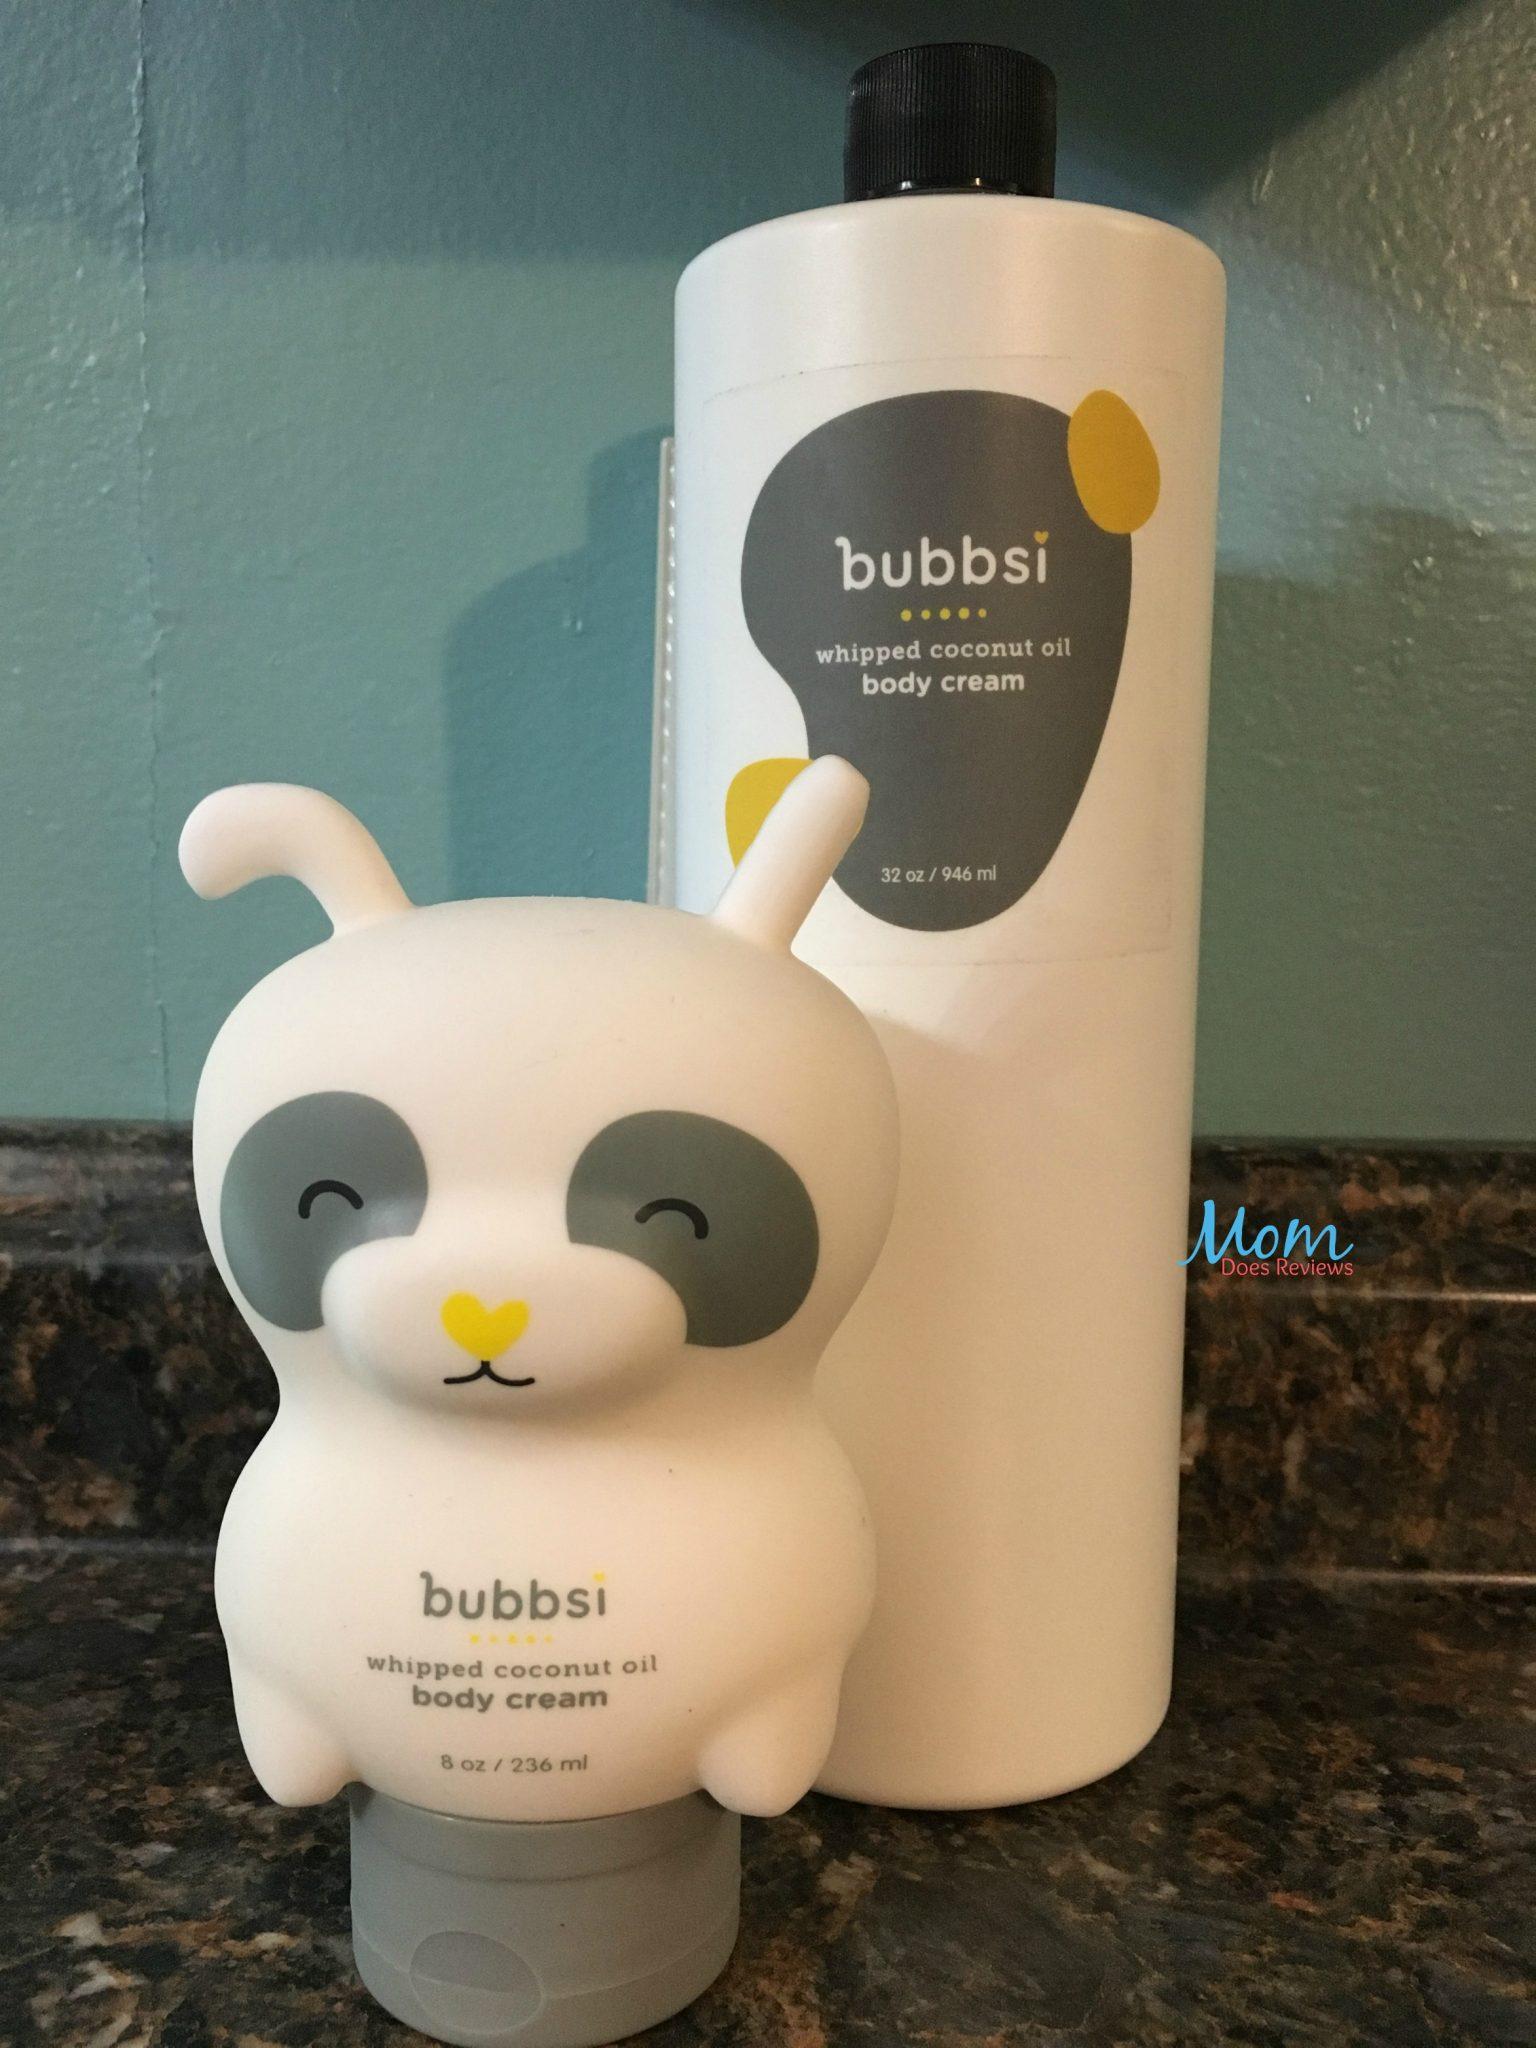 refill for Bubbsi Body Cream